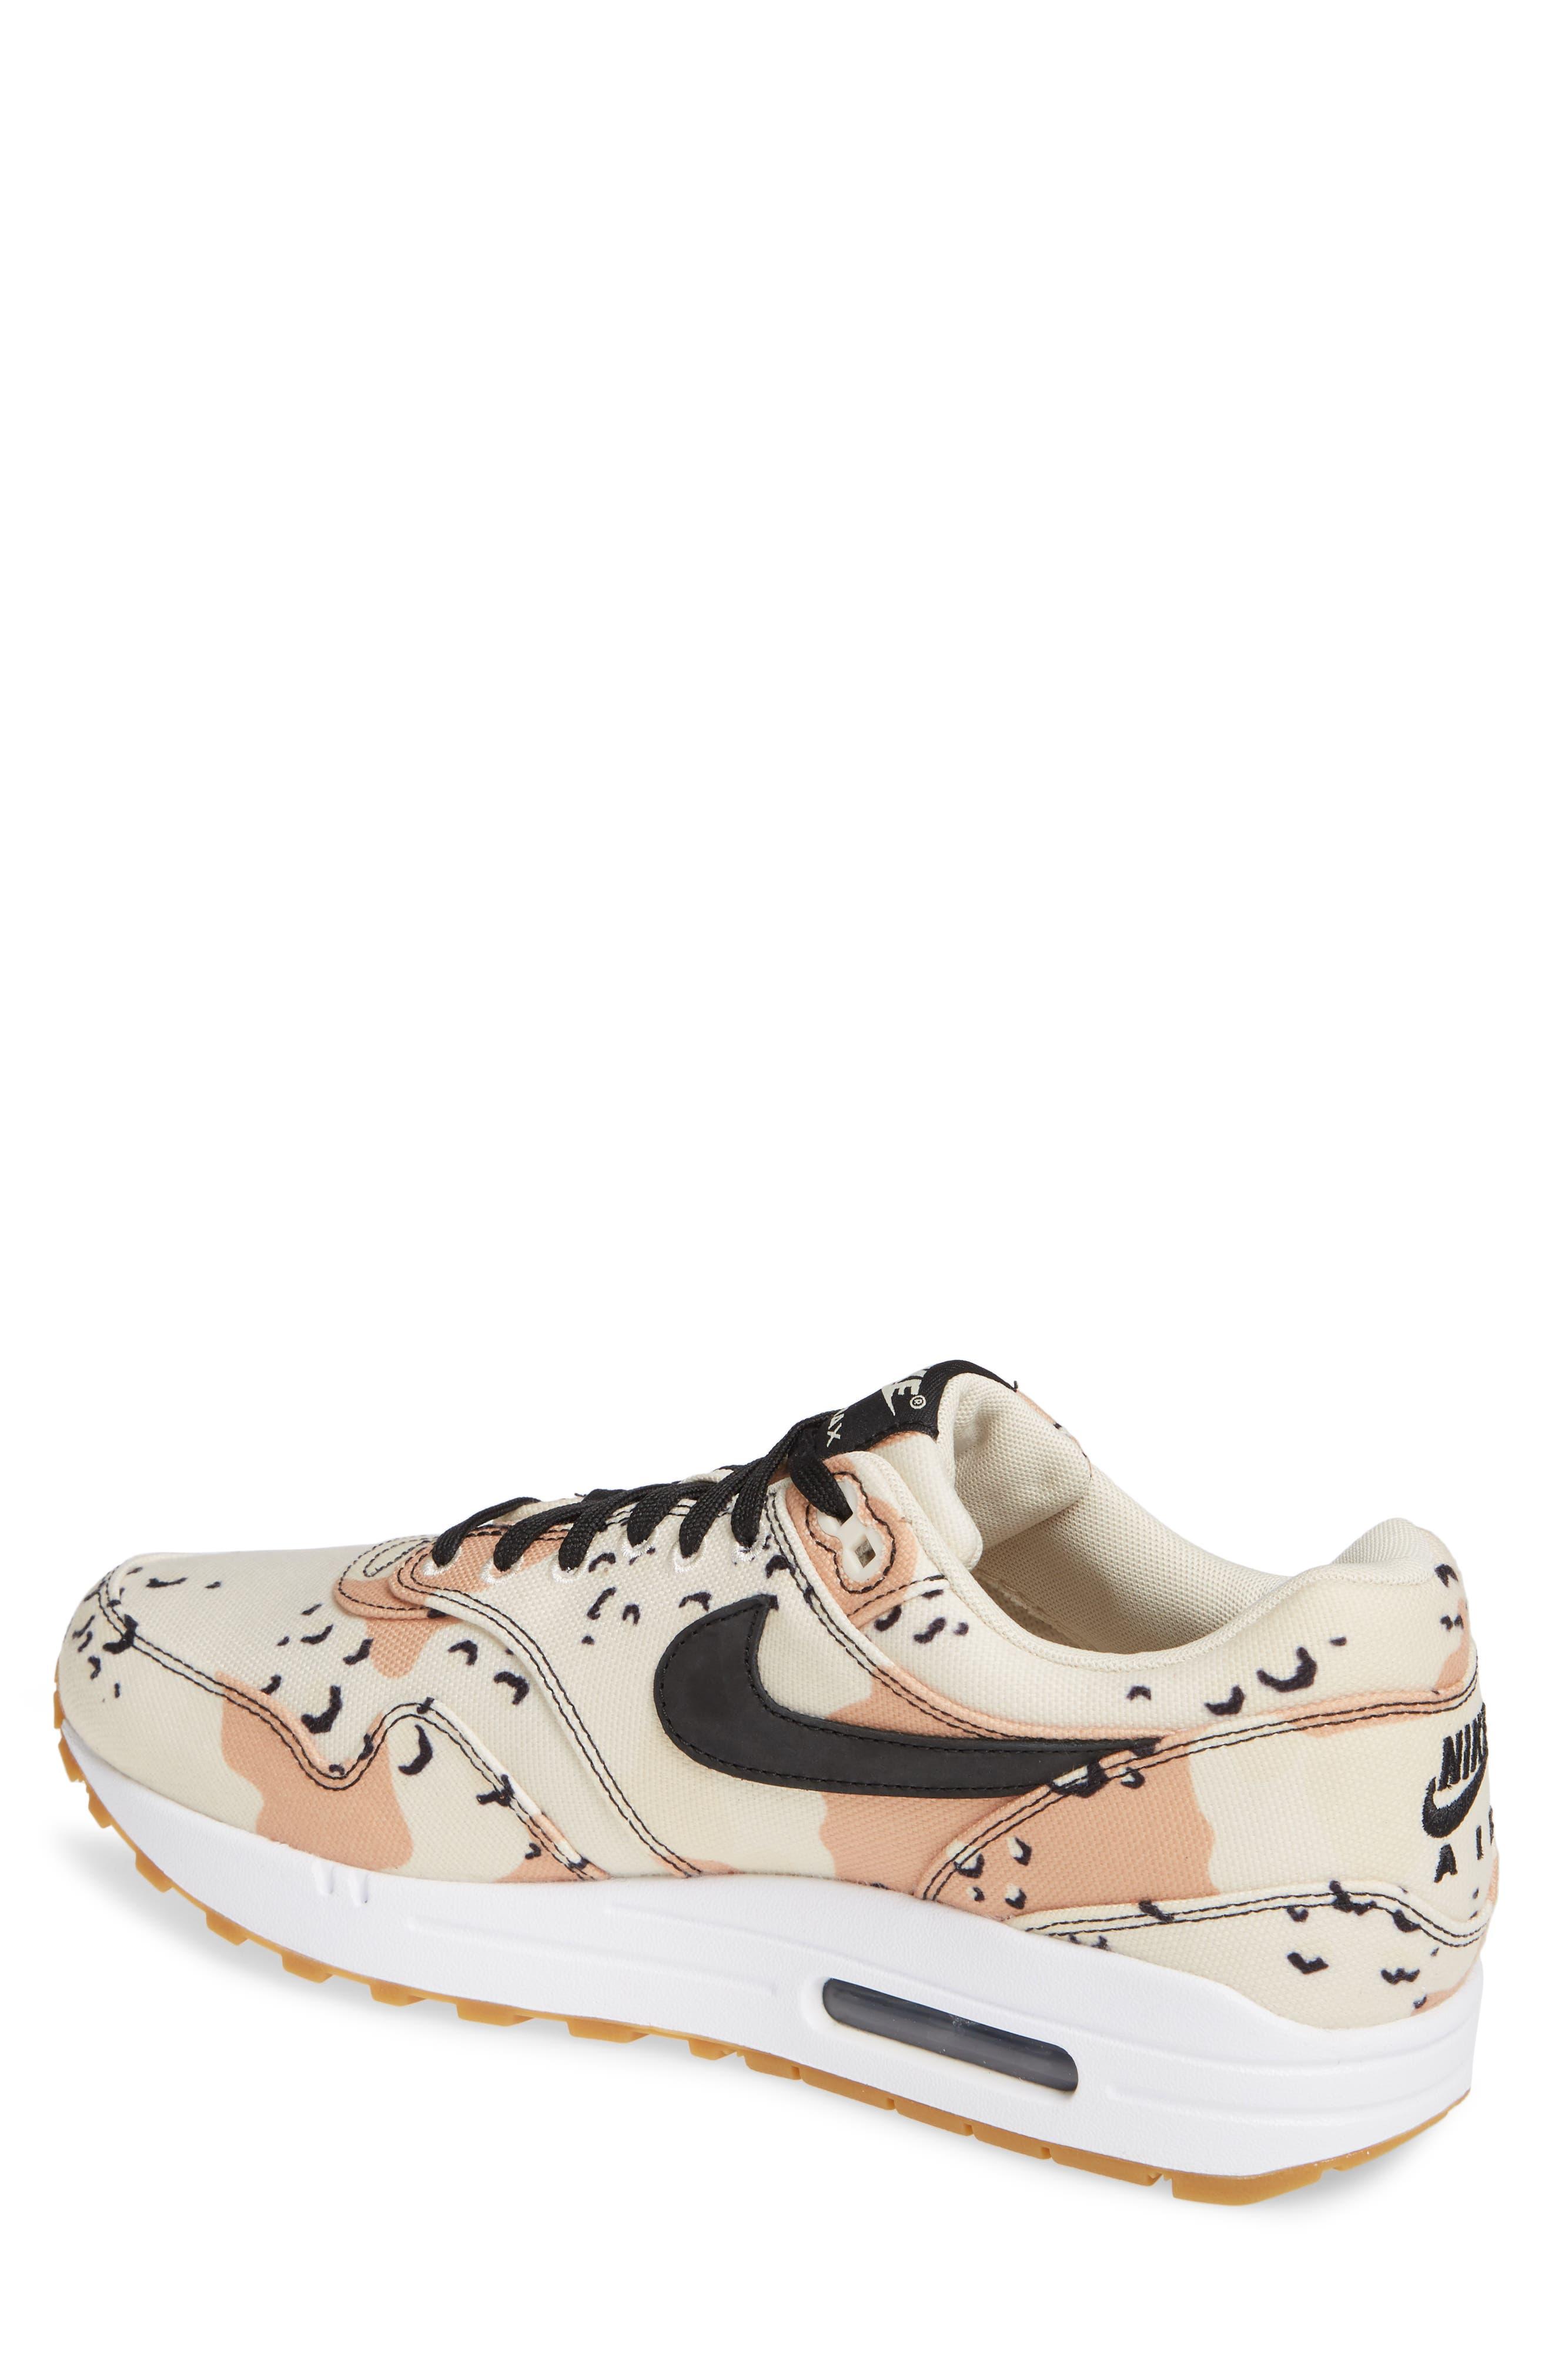 Air Max 1 Premium Sneaker,                             Alternate thumbnail 2, color,                             204